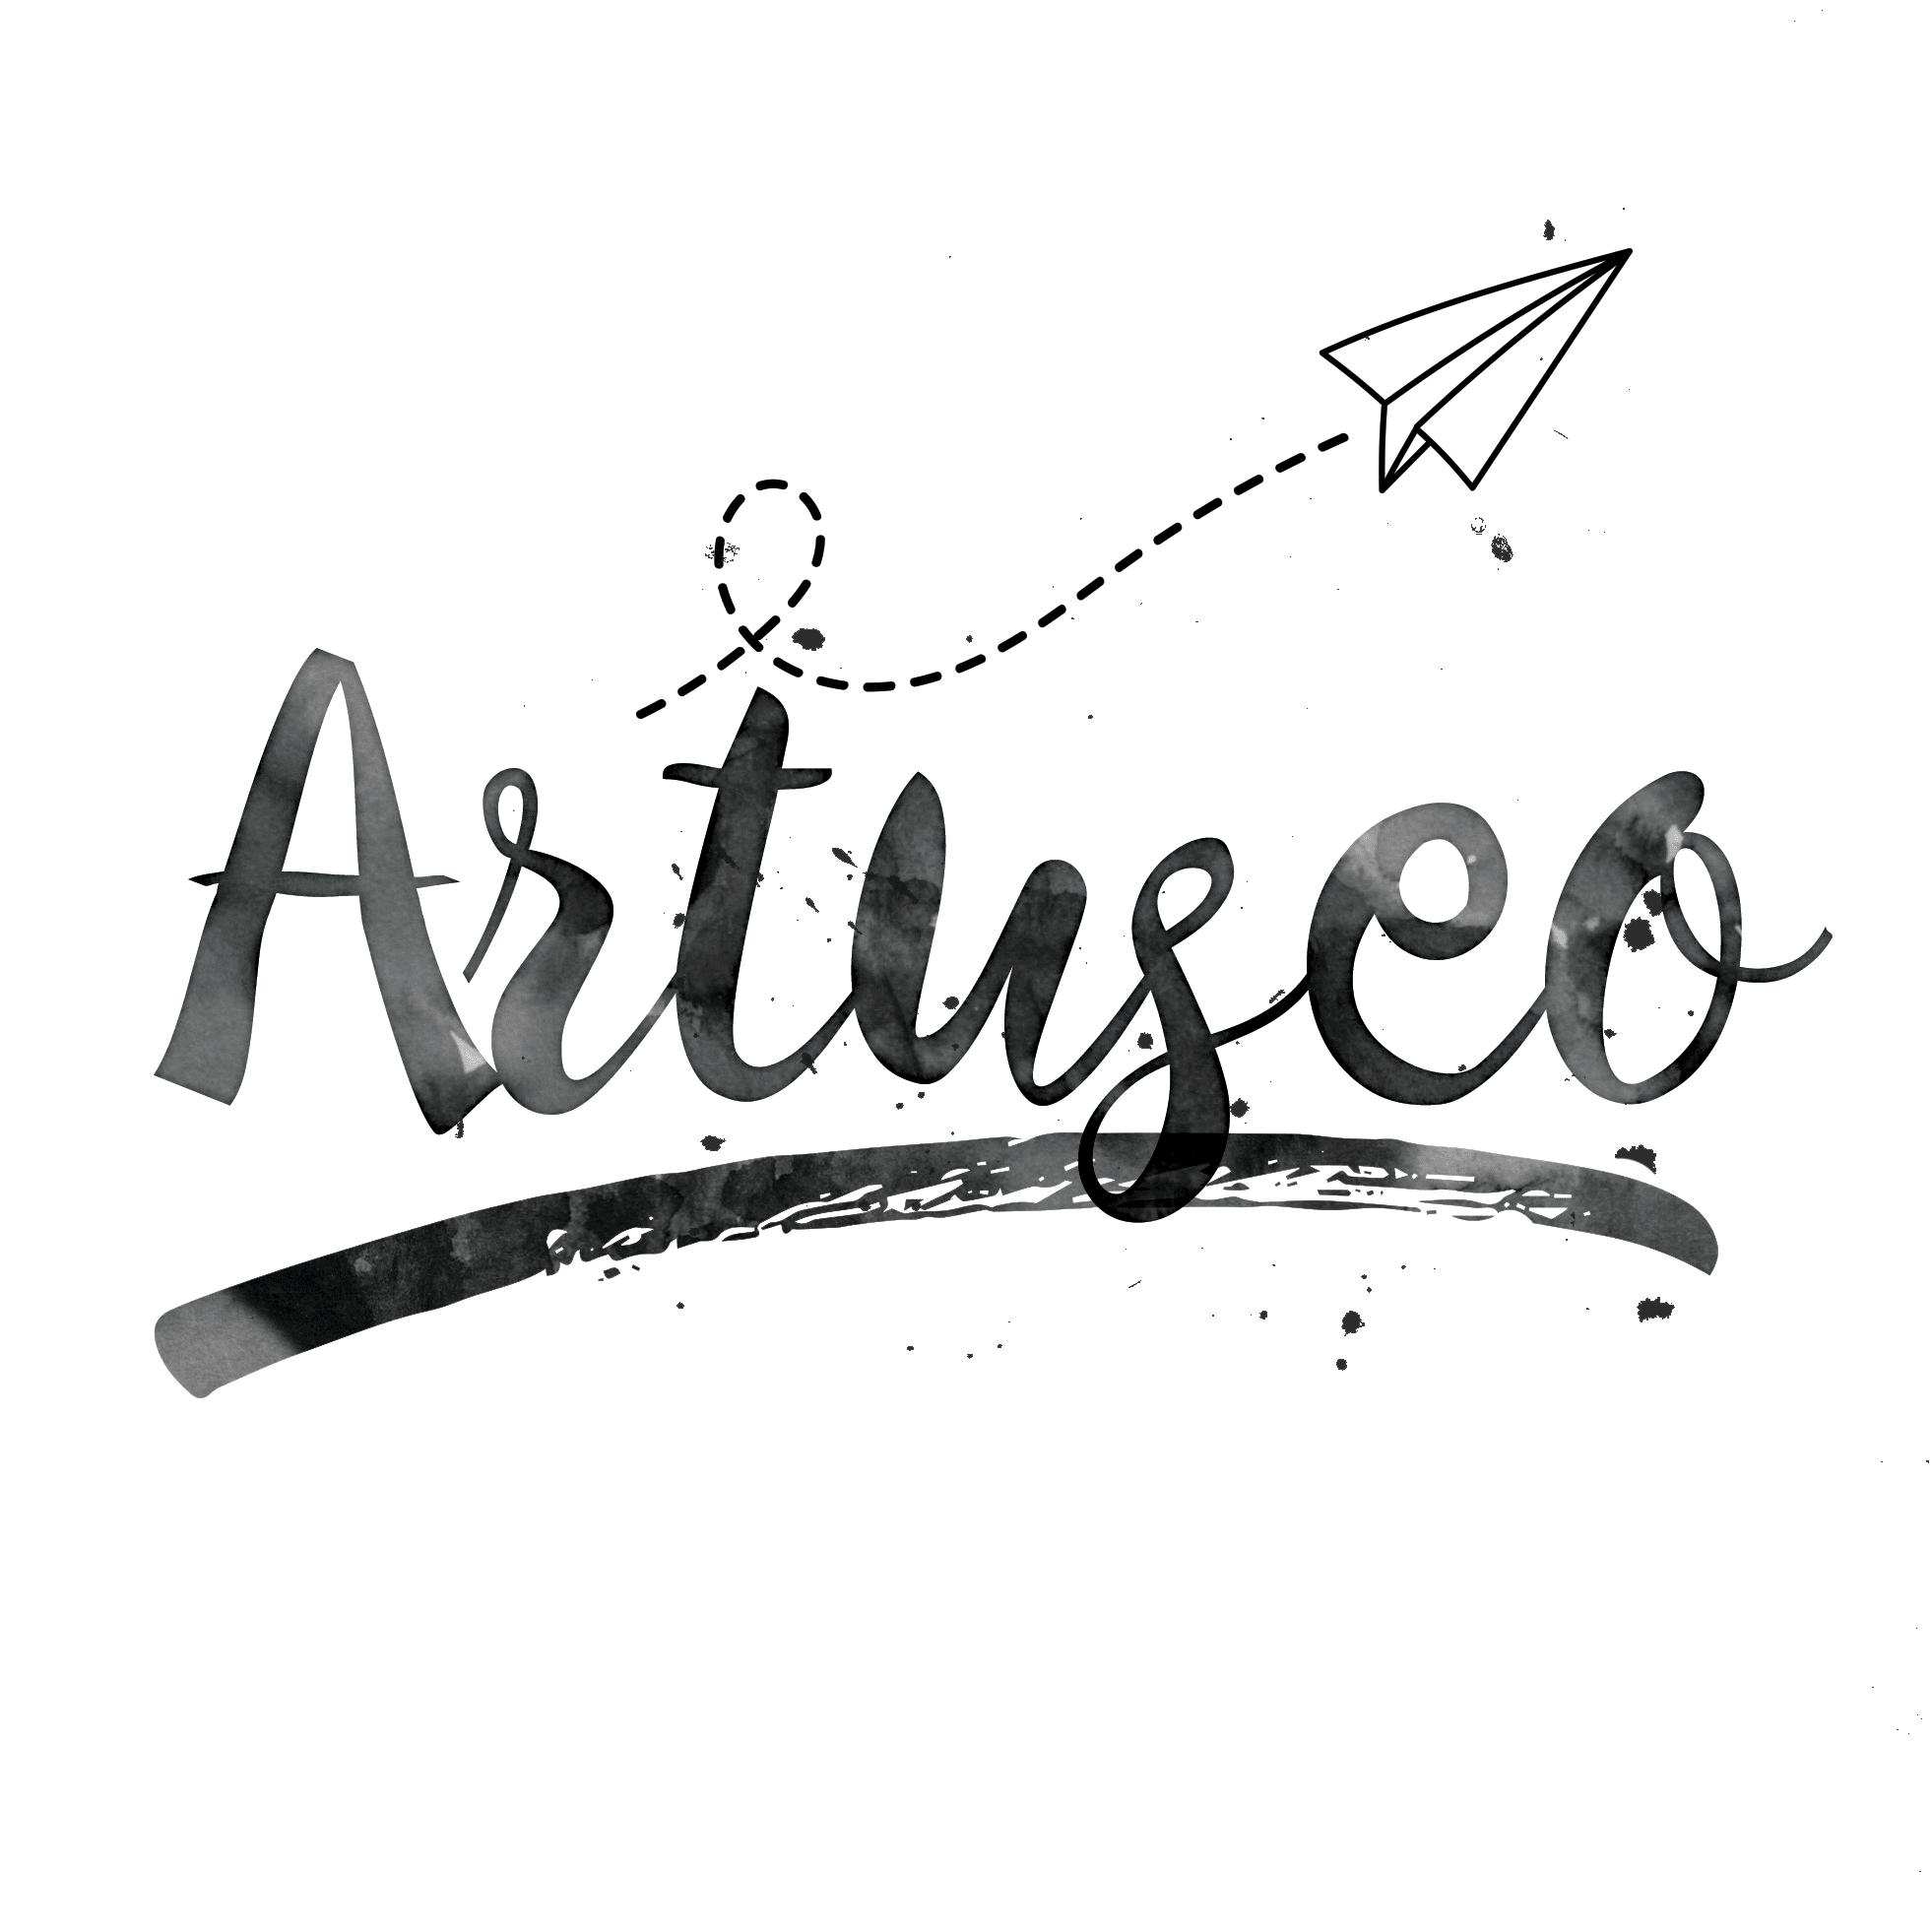 logo artuseo